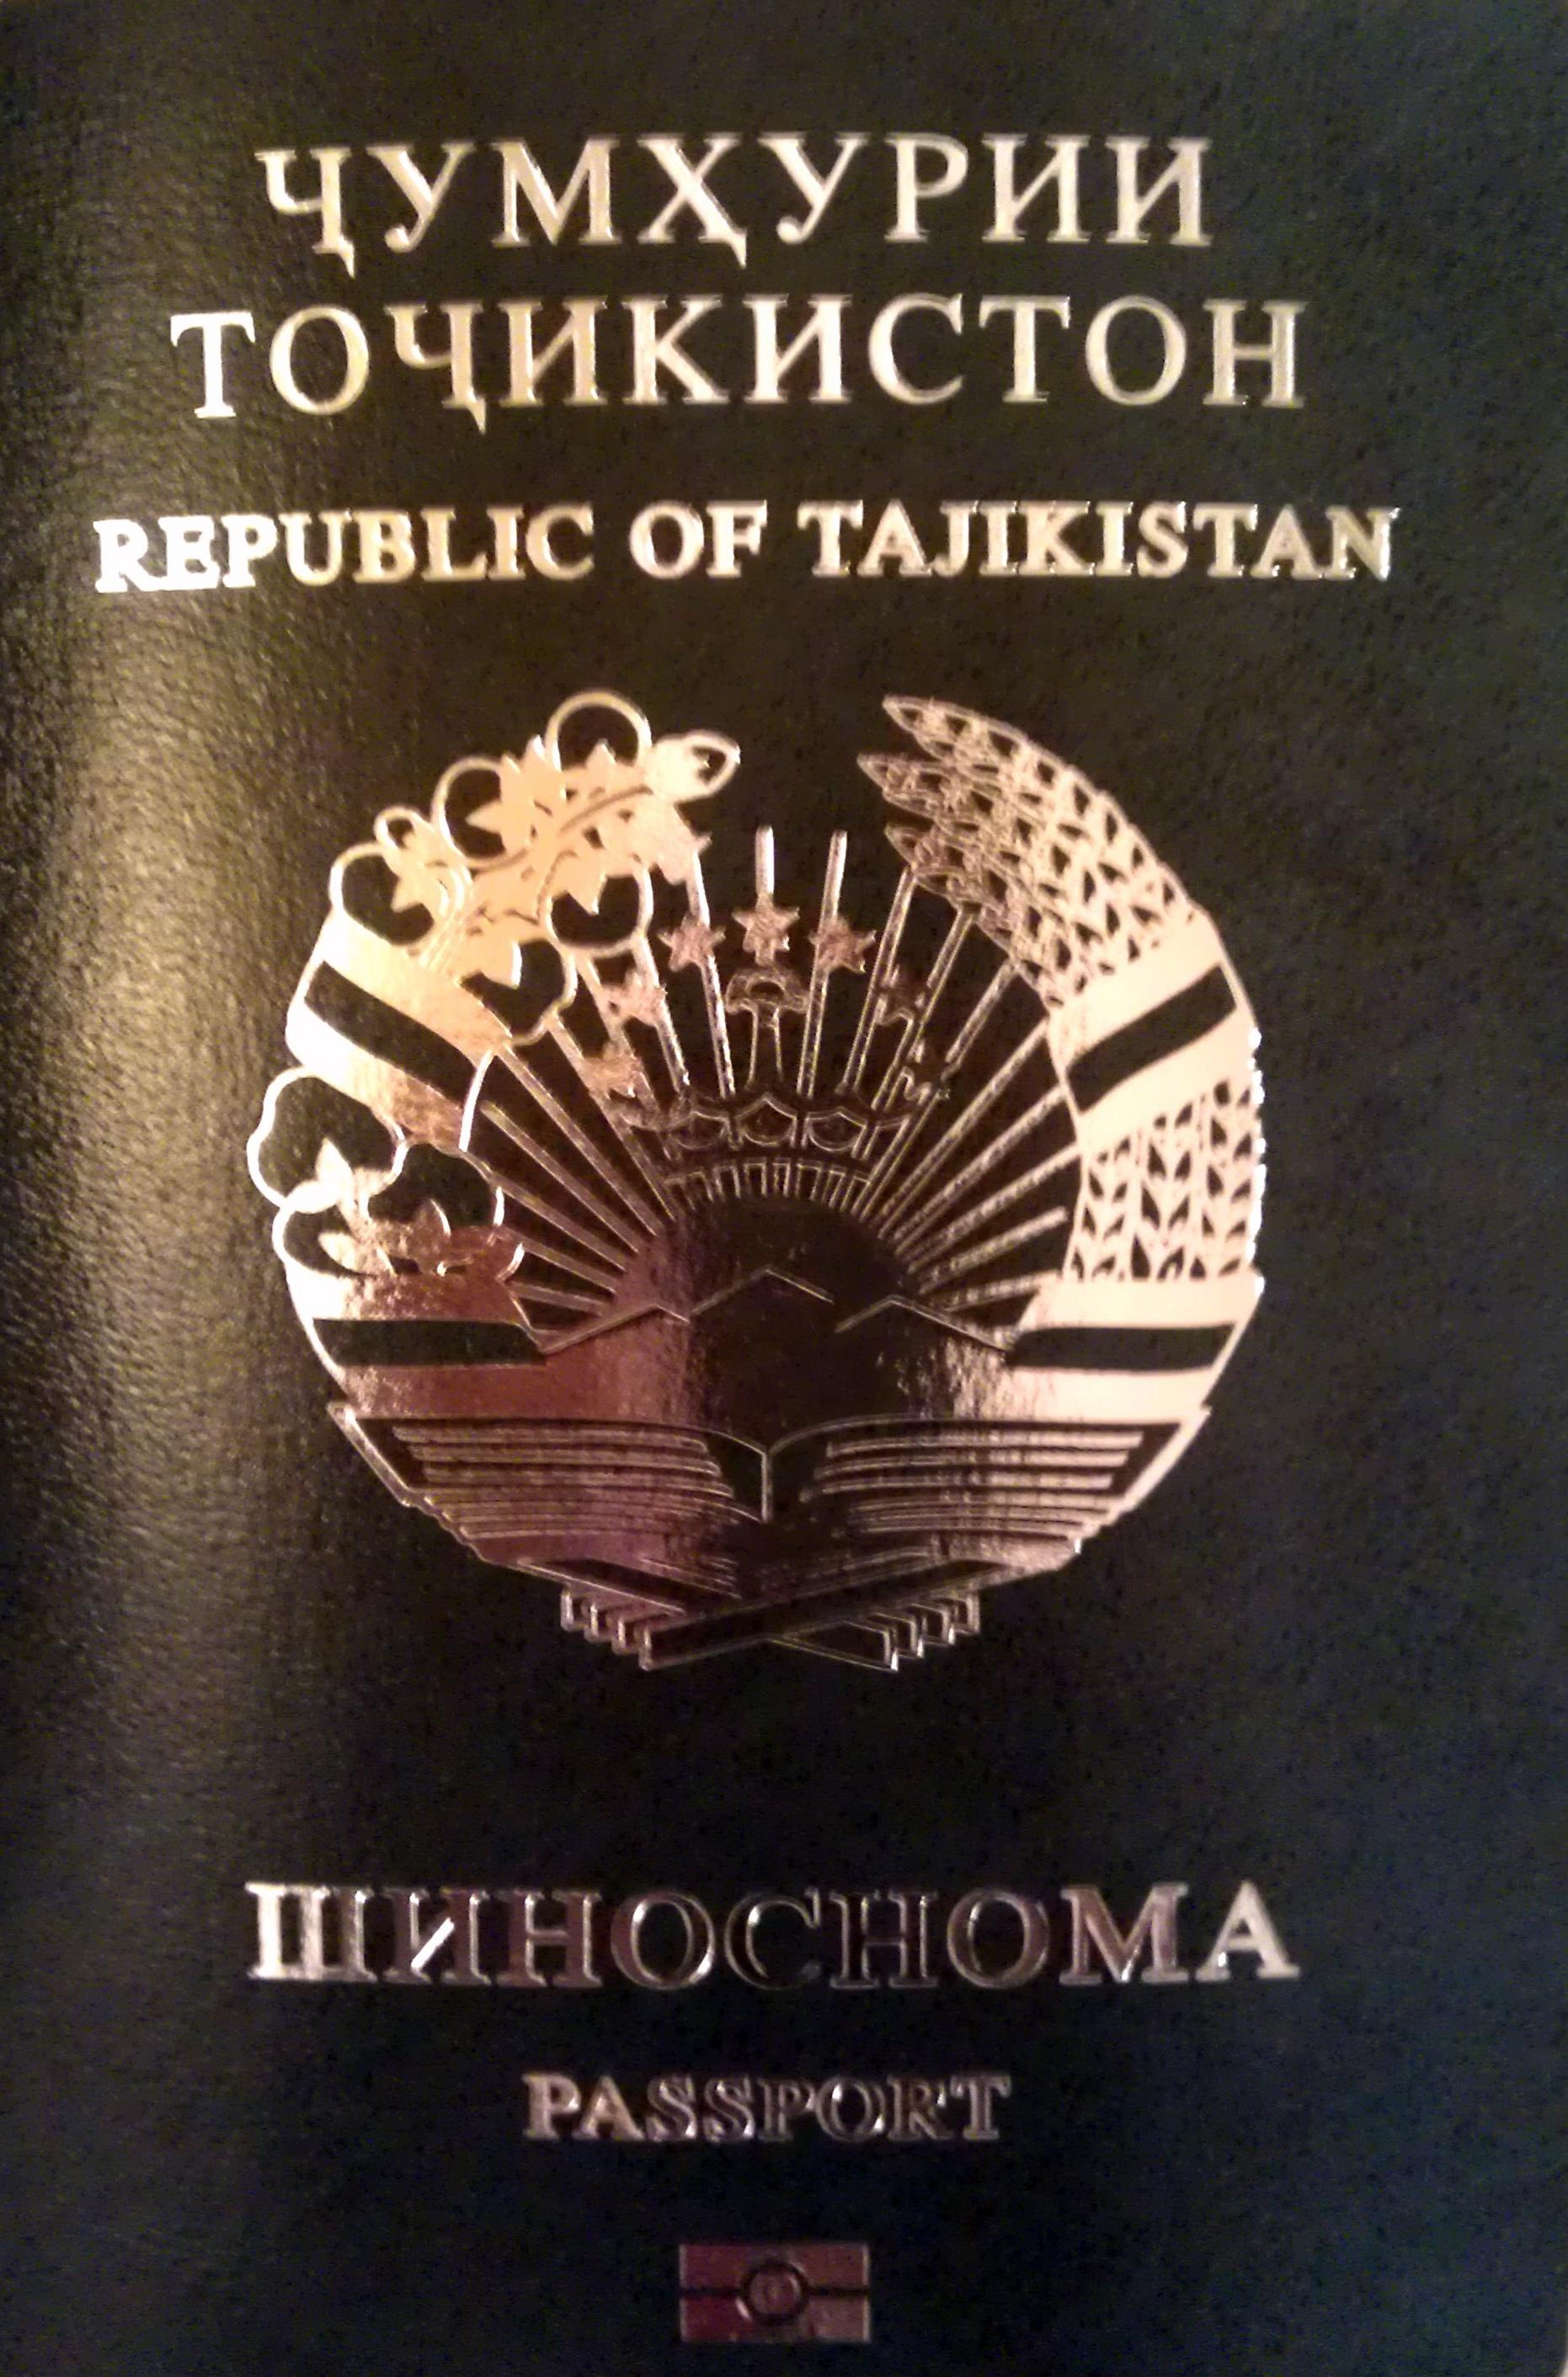 образец паспорта таджикистана